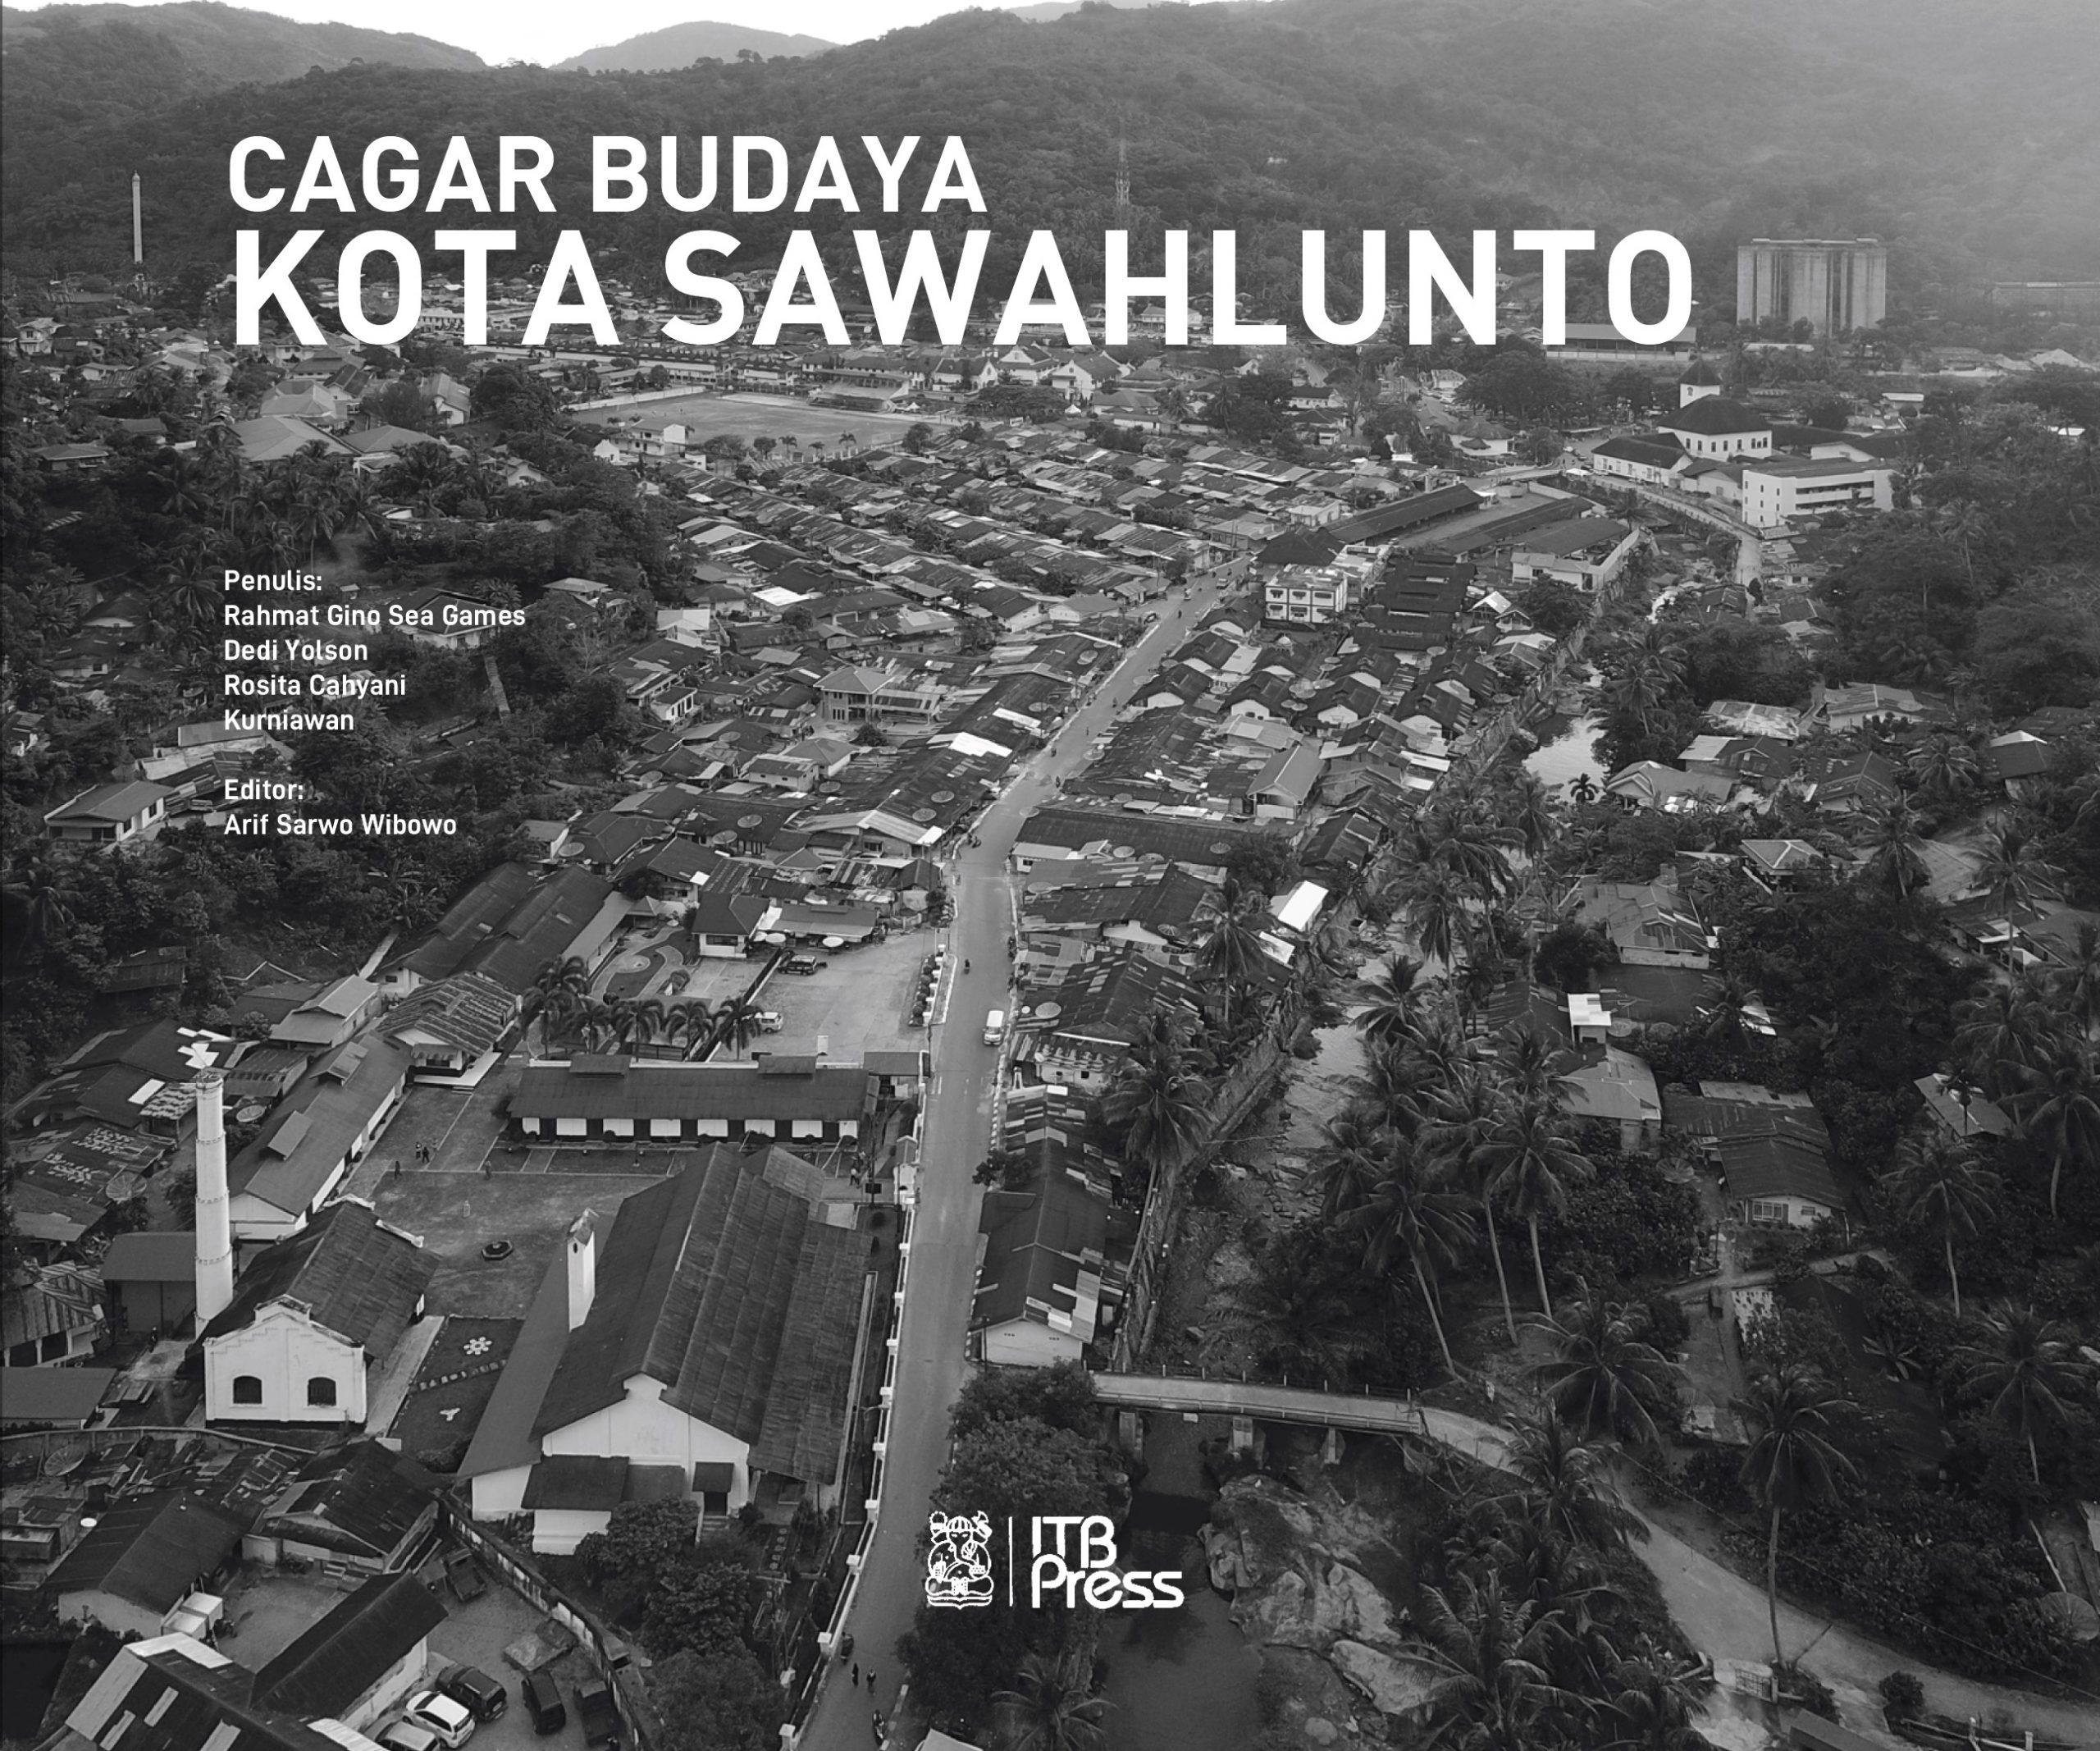 Buku Cagar Budaya Kota Sawah Lunto